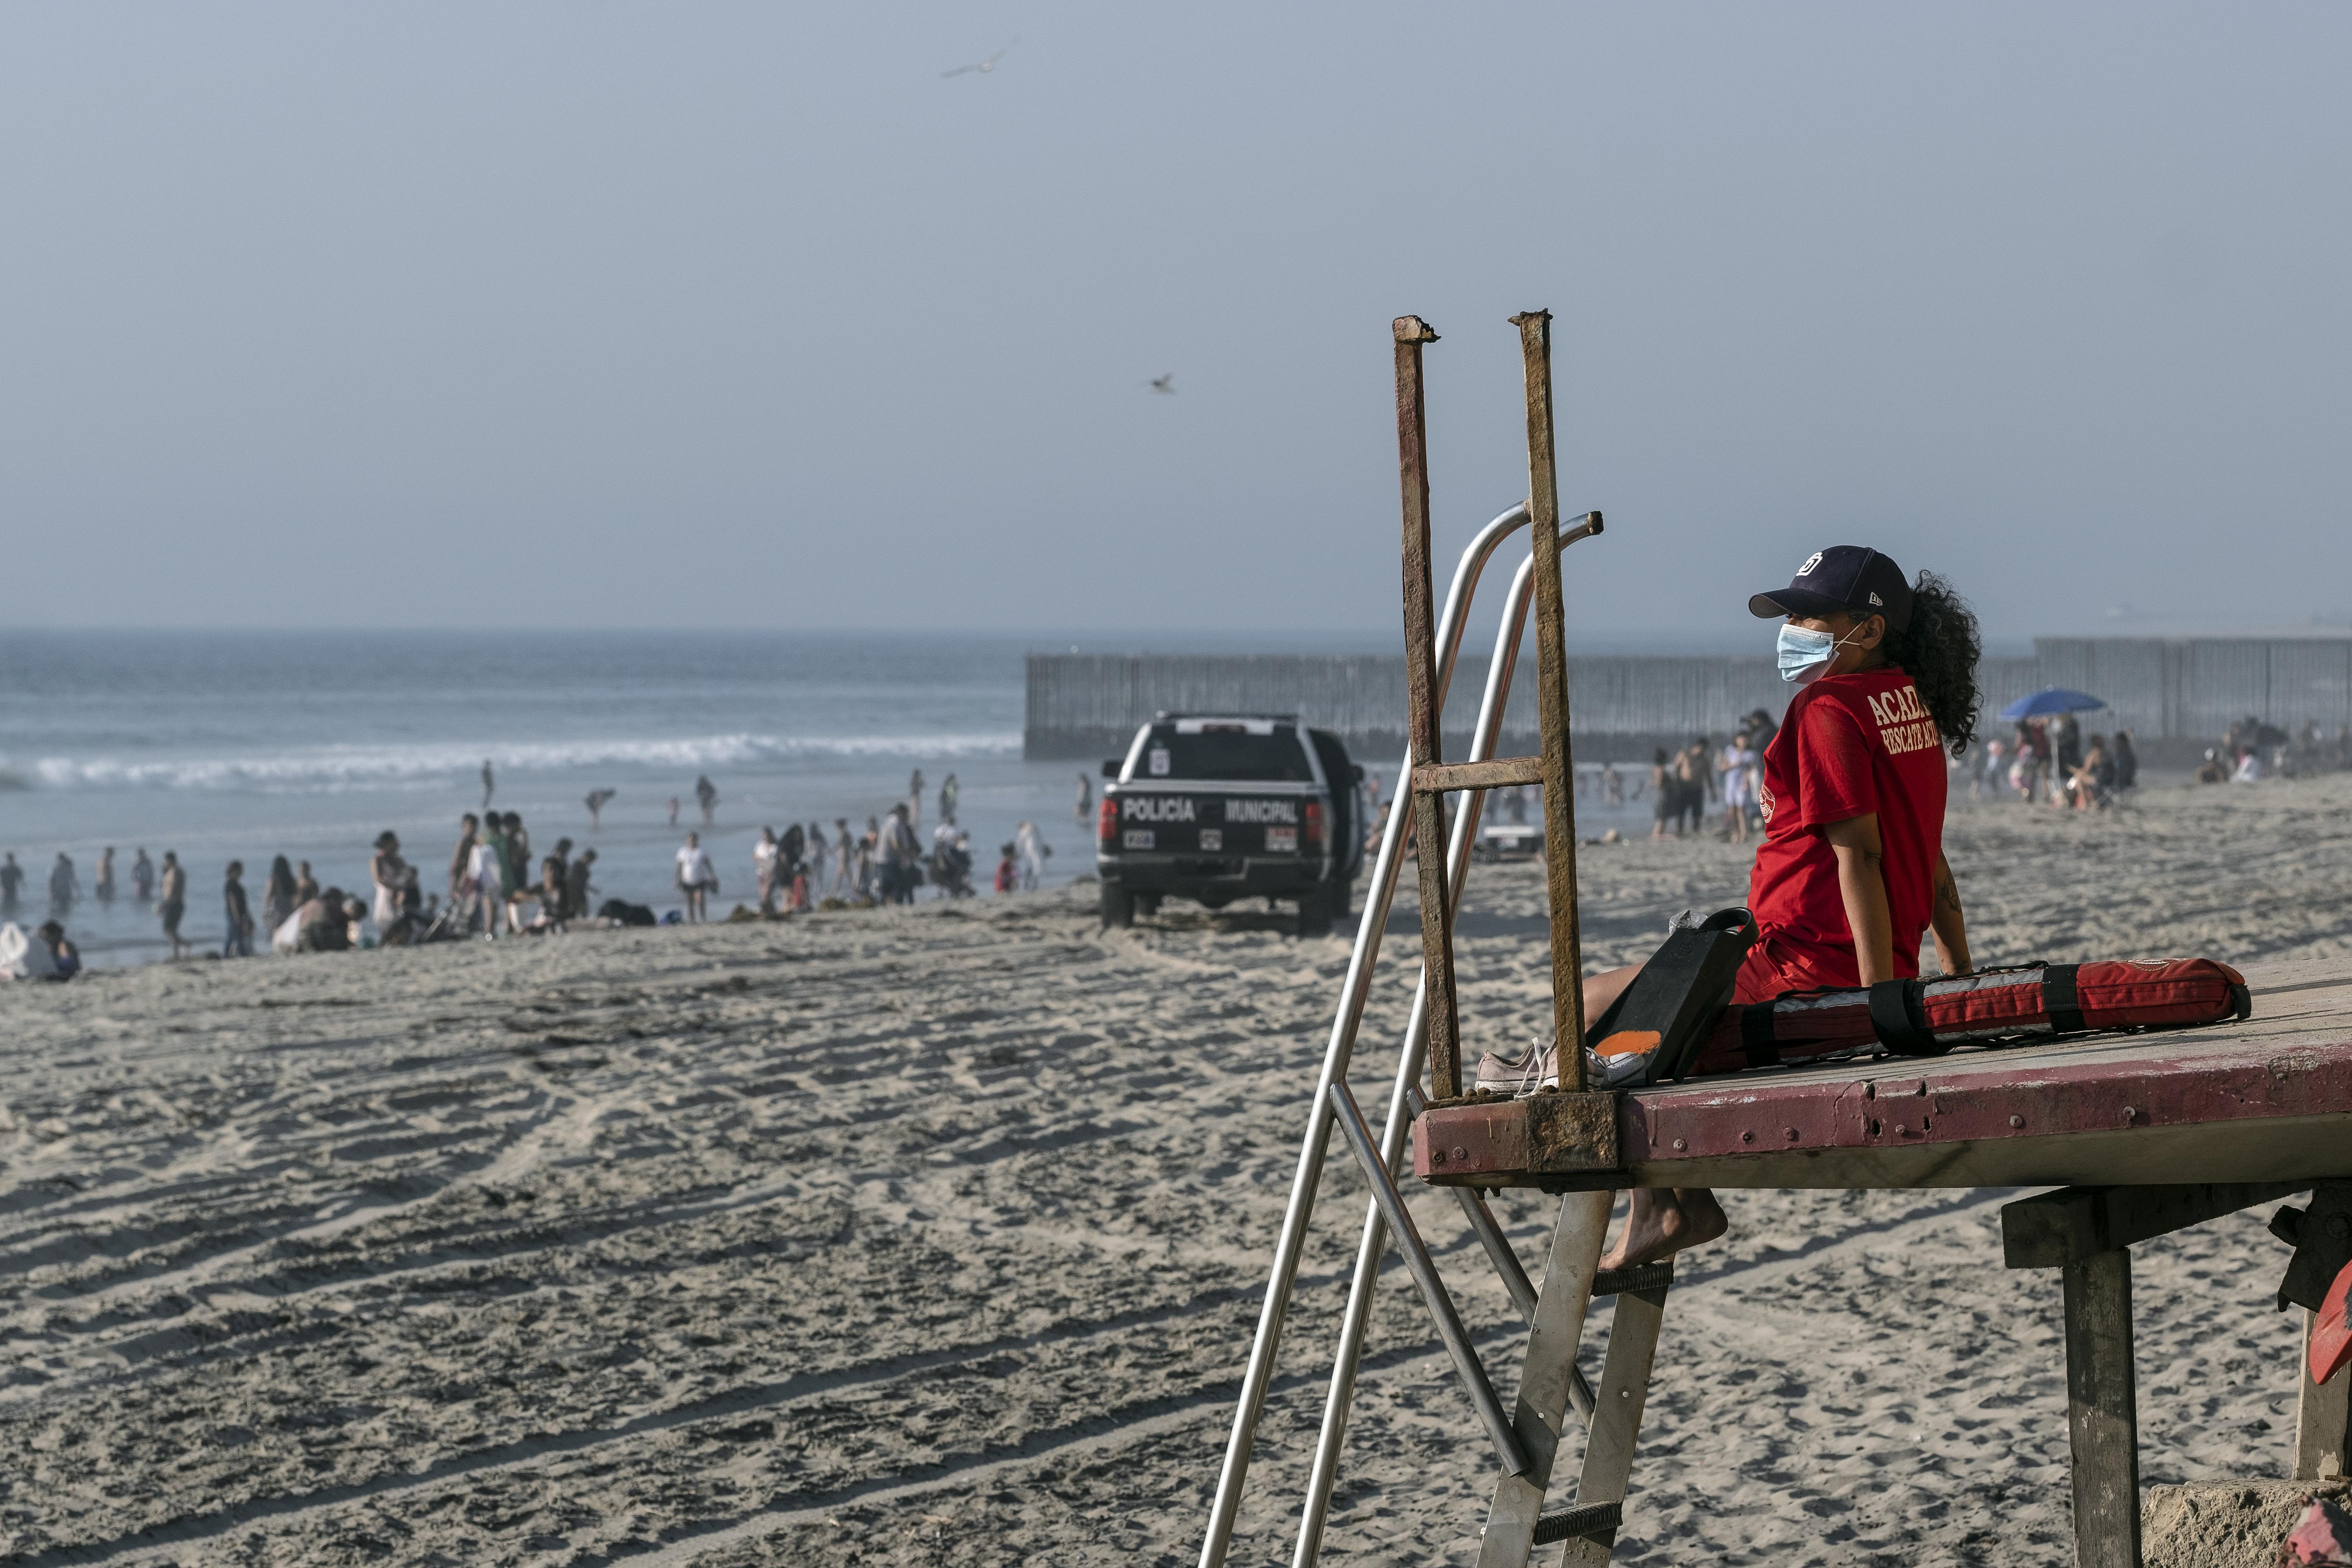 Un salvavidas trabaja en la playa de Playas de Tijuana cerca de la frontera entre Estados Unidos y México en Tijuana, estado de Baja California, México, el 3 de octubre de 2020, en medio de la pandemia del coronavirus COVID-19.